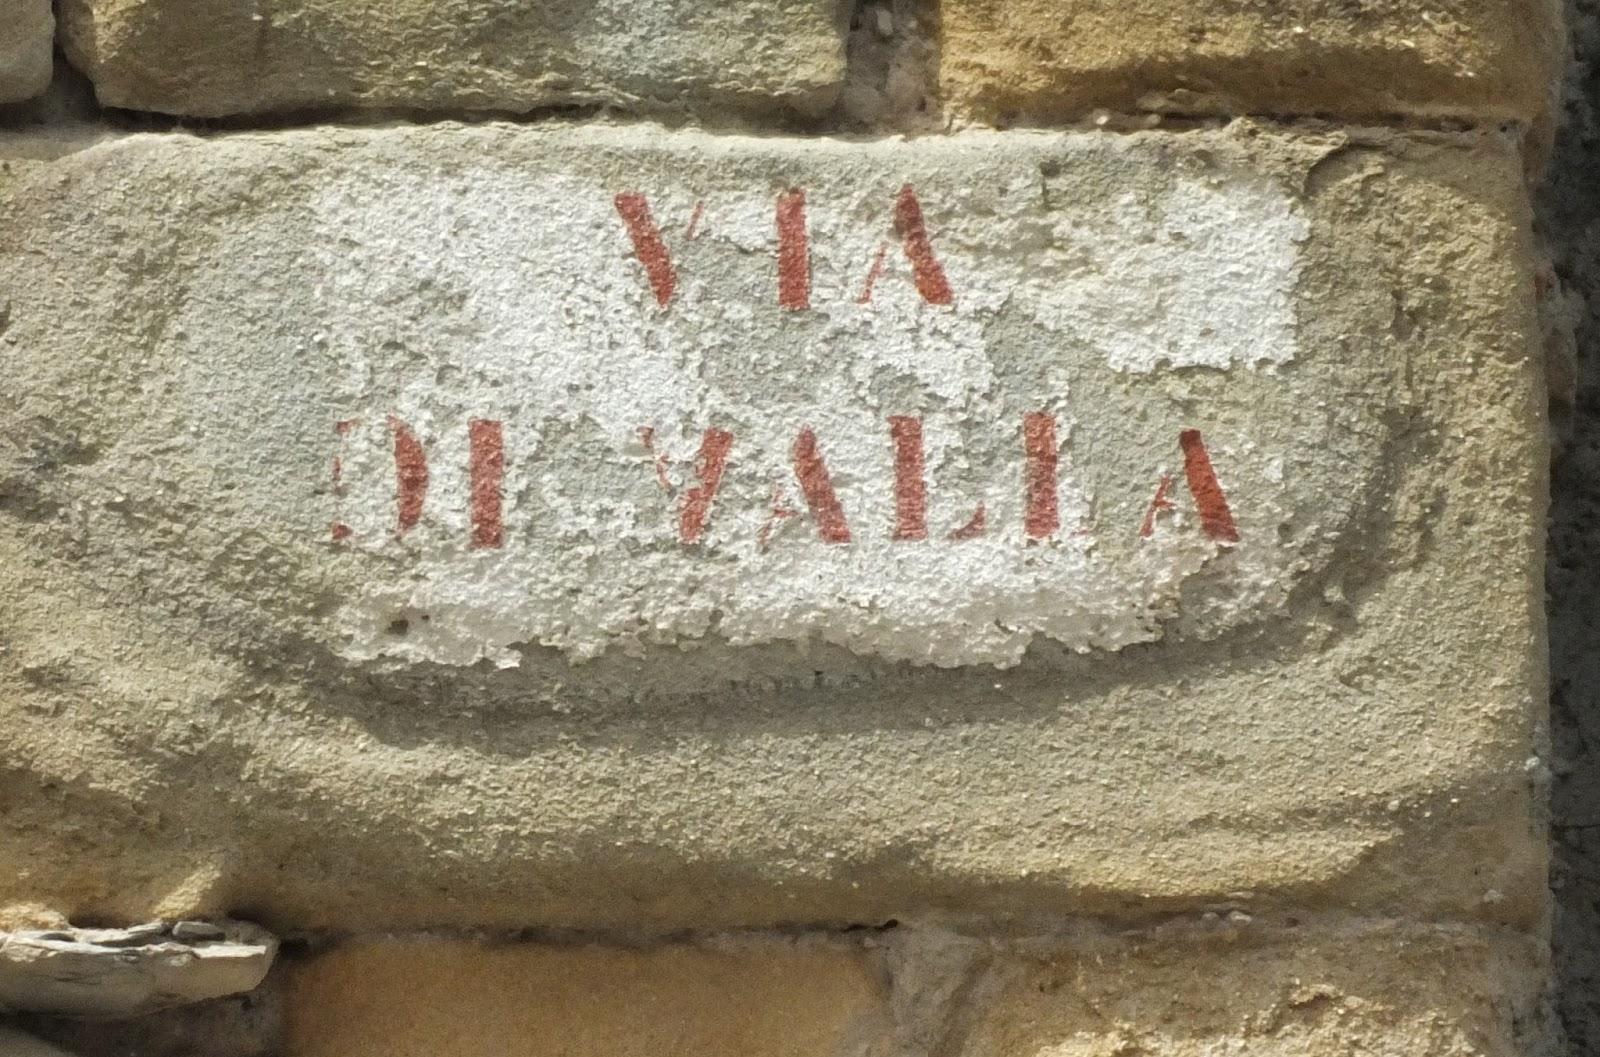 Ancient Via di Valla street sign